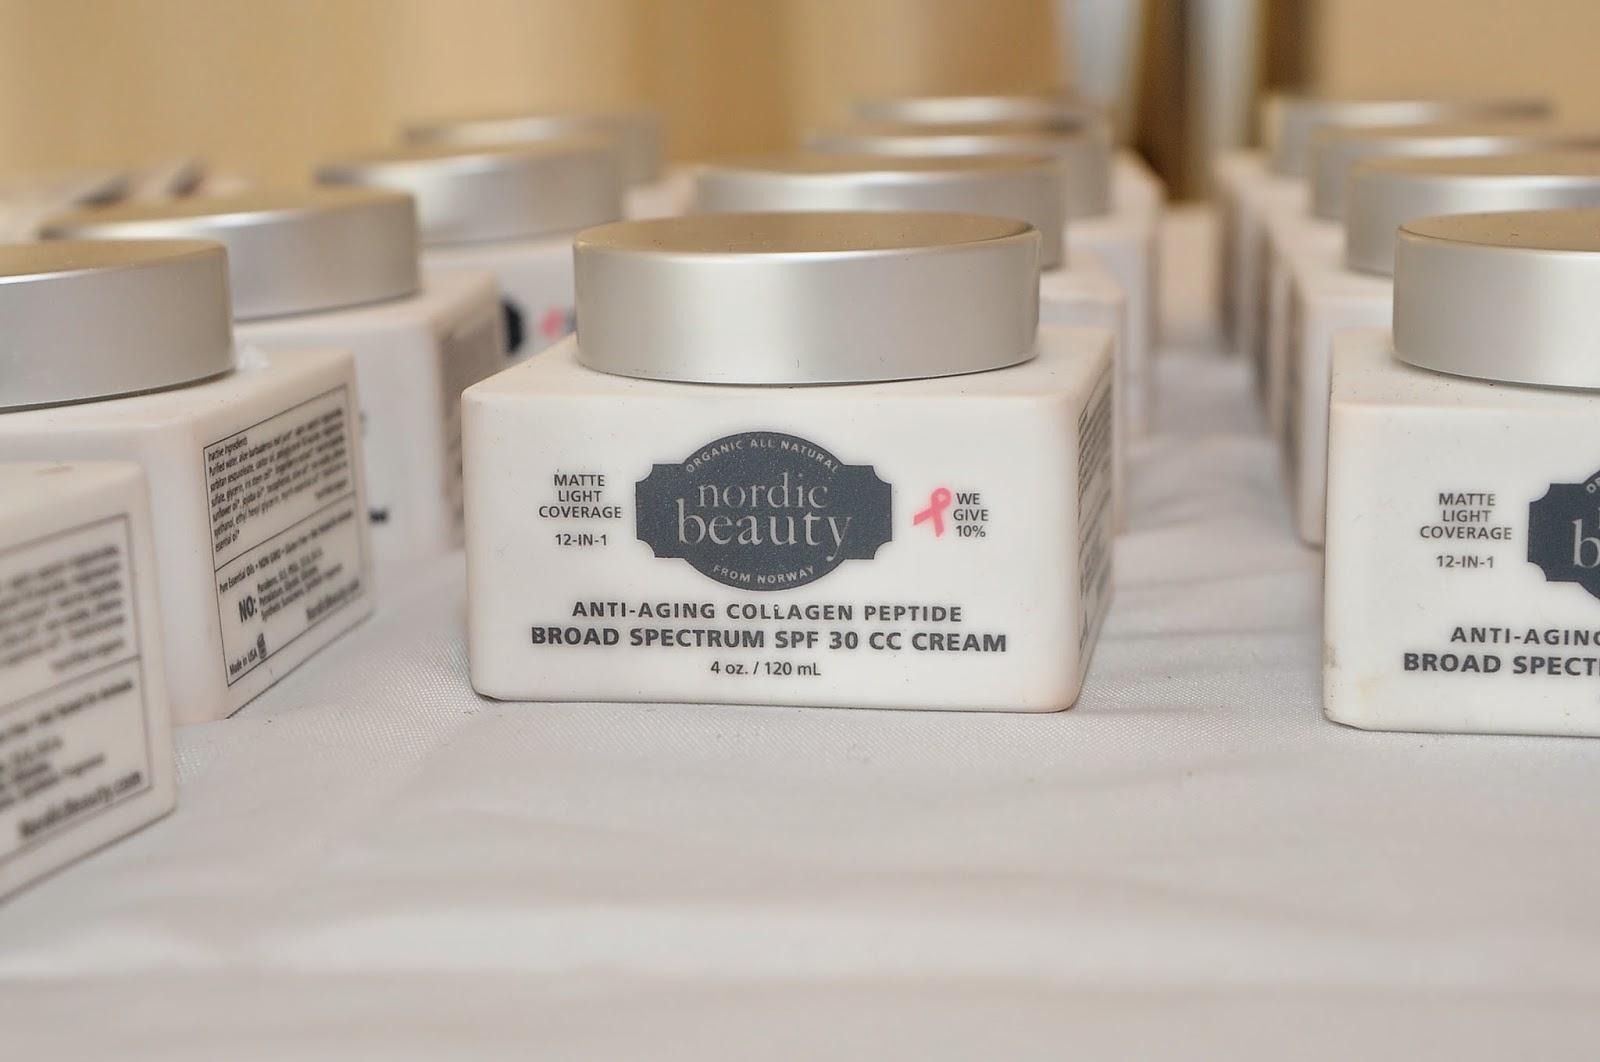 Nordic Beauty, skin care, Marine Collagen Peptides, SPF 30 CC Cream